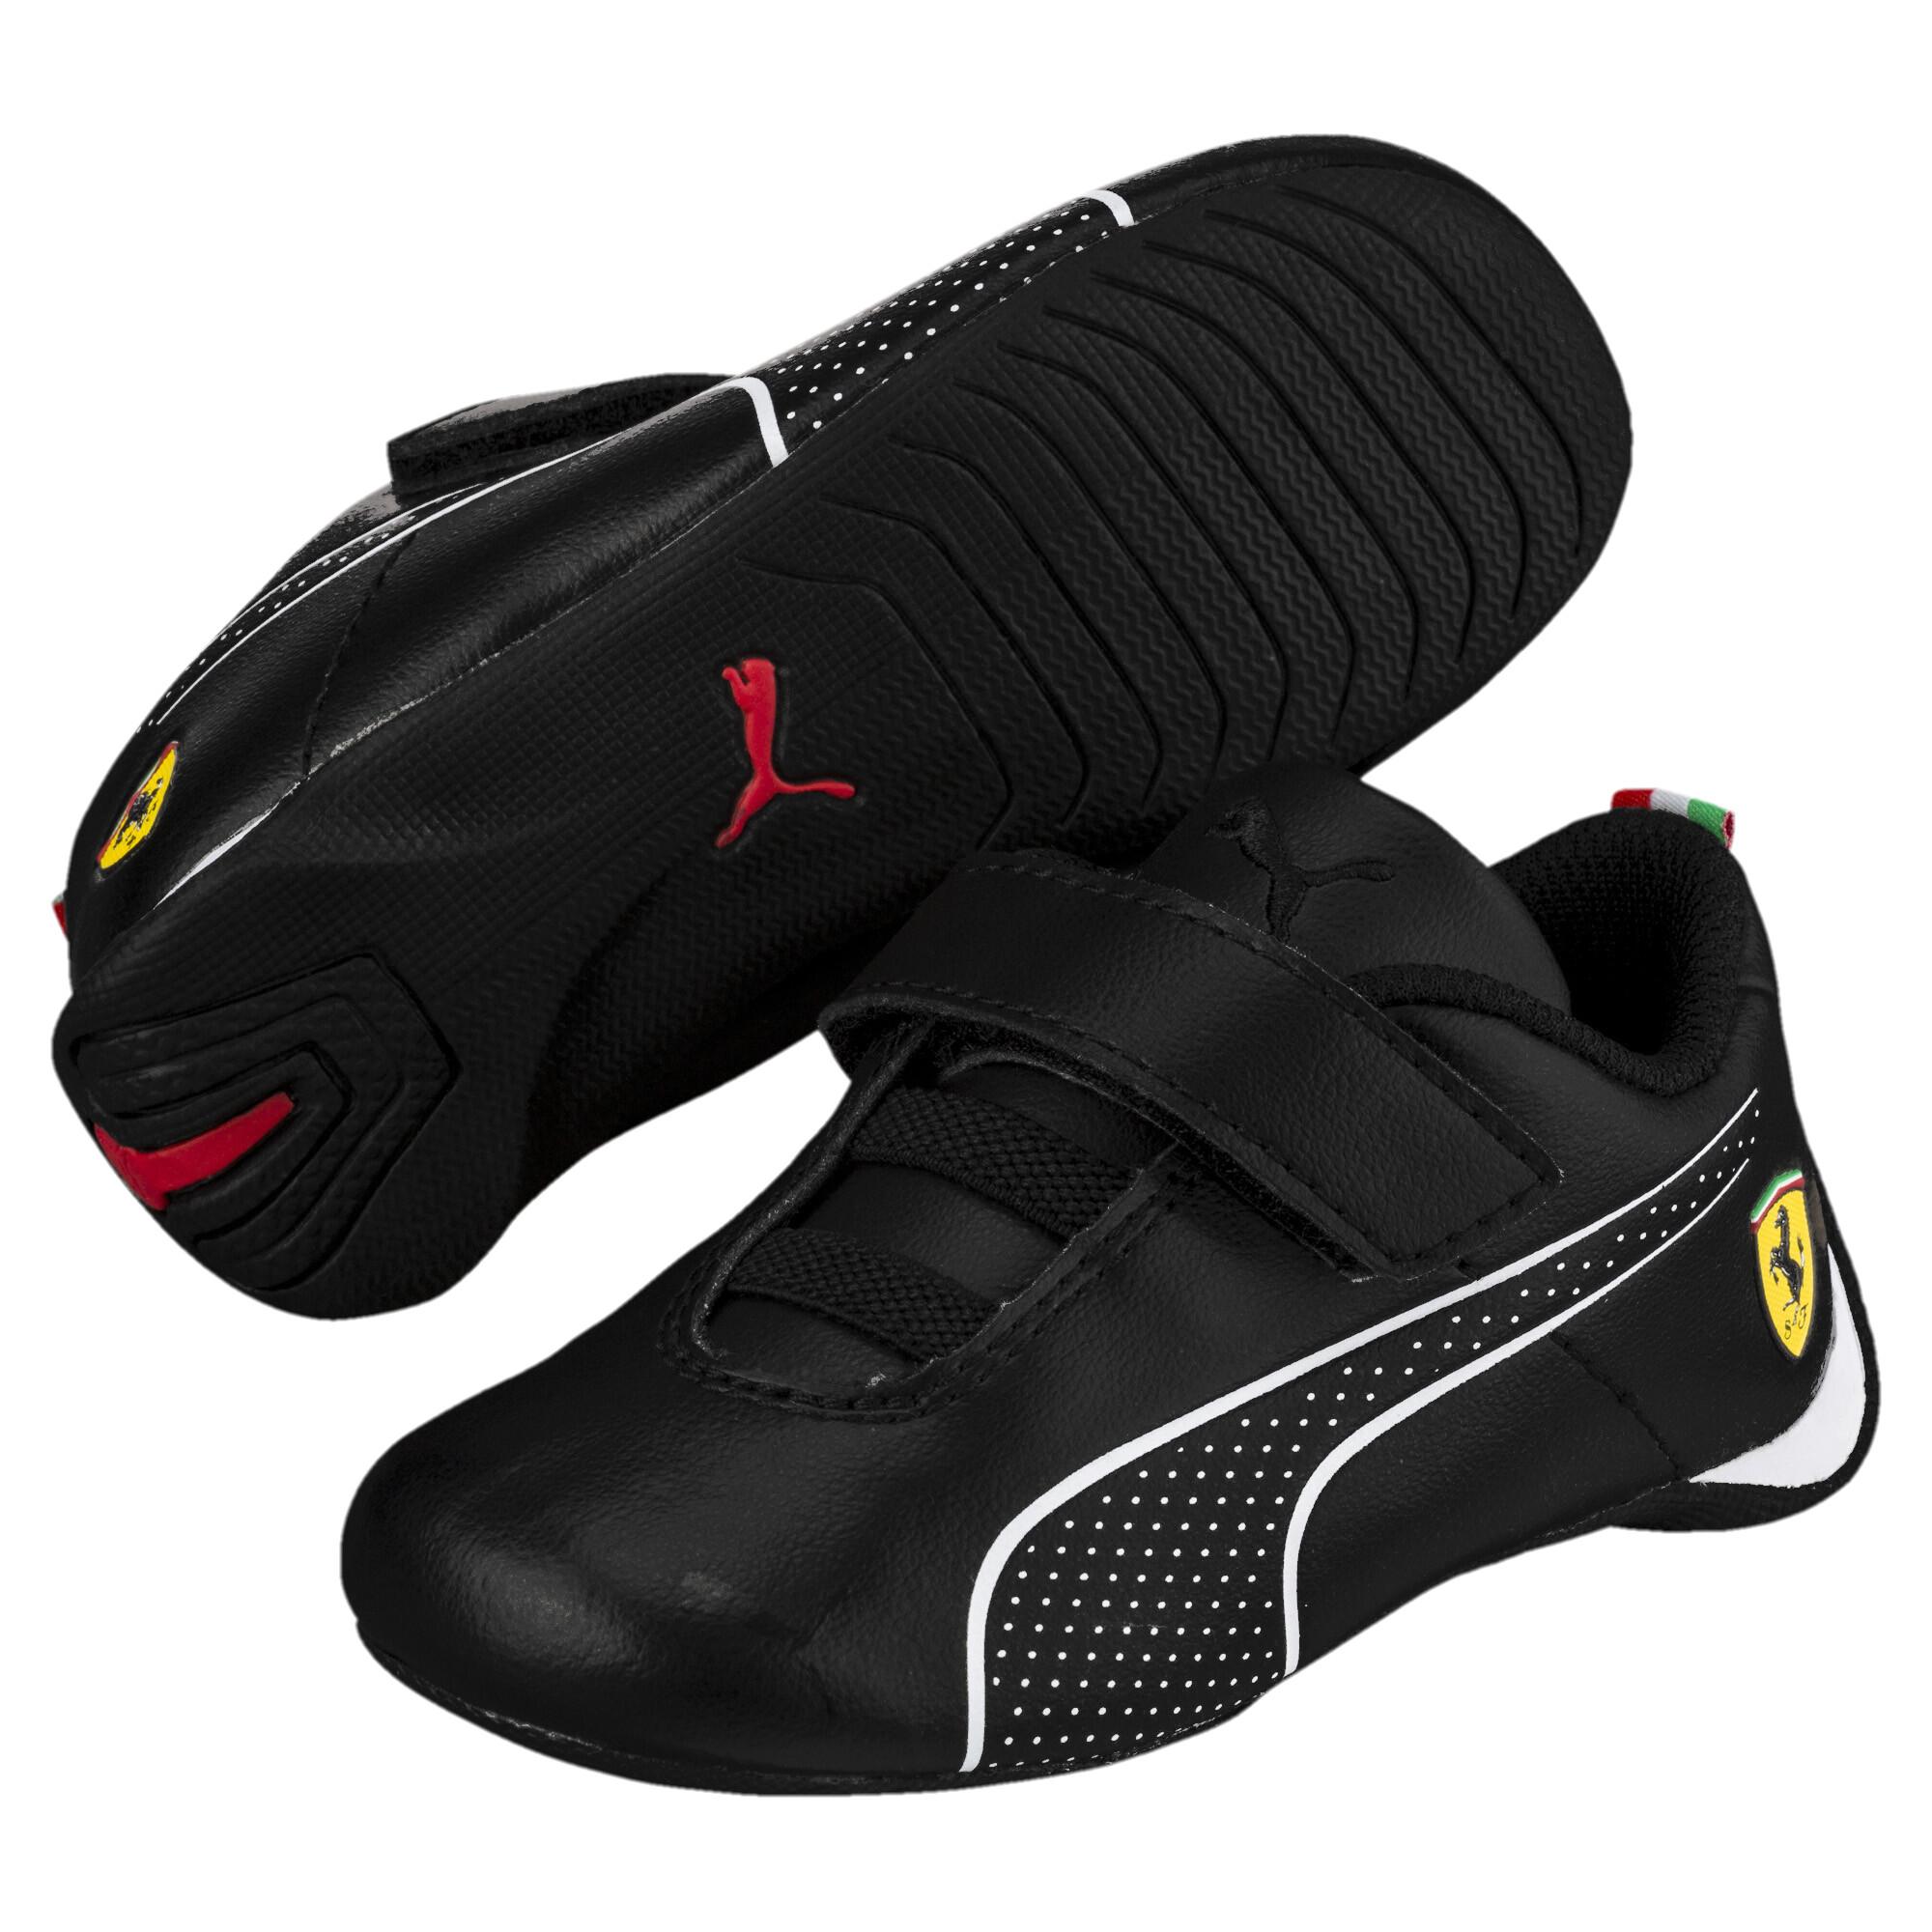 a1a36366a1 Details about PUMA Scuderia Ferrari Future Cat Ultra Toddler Shoes Kids  Shoe Auto